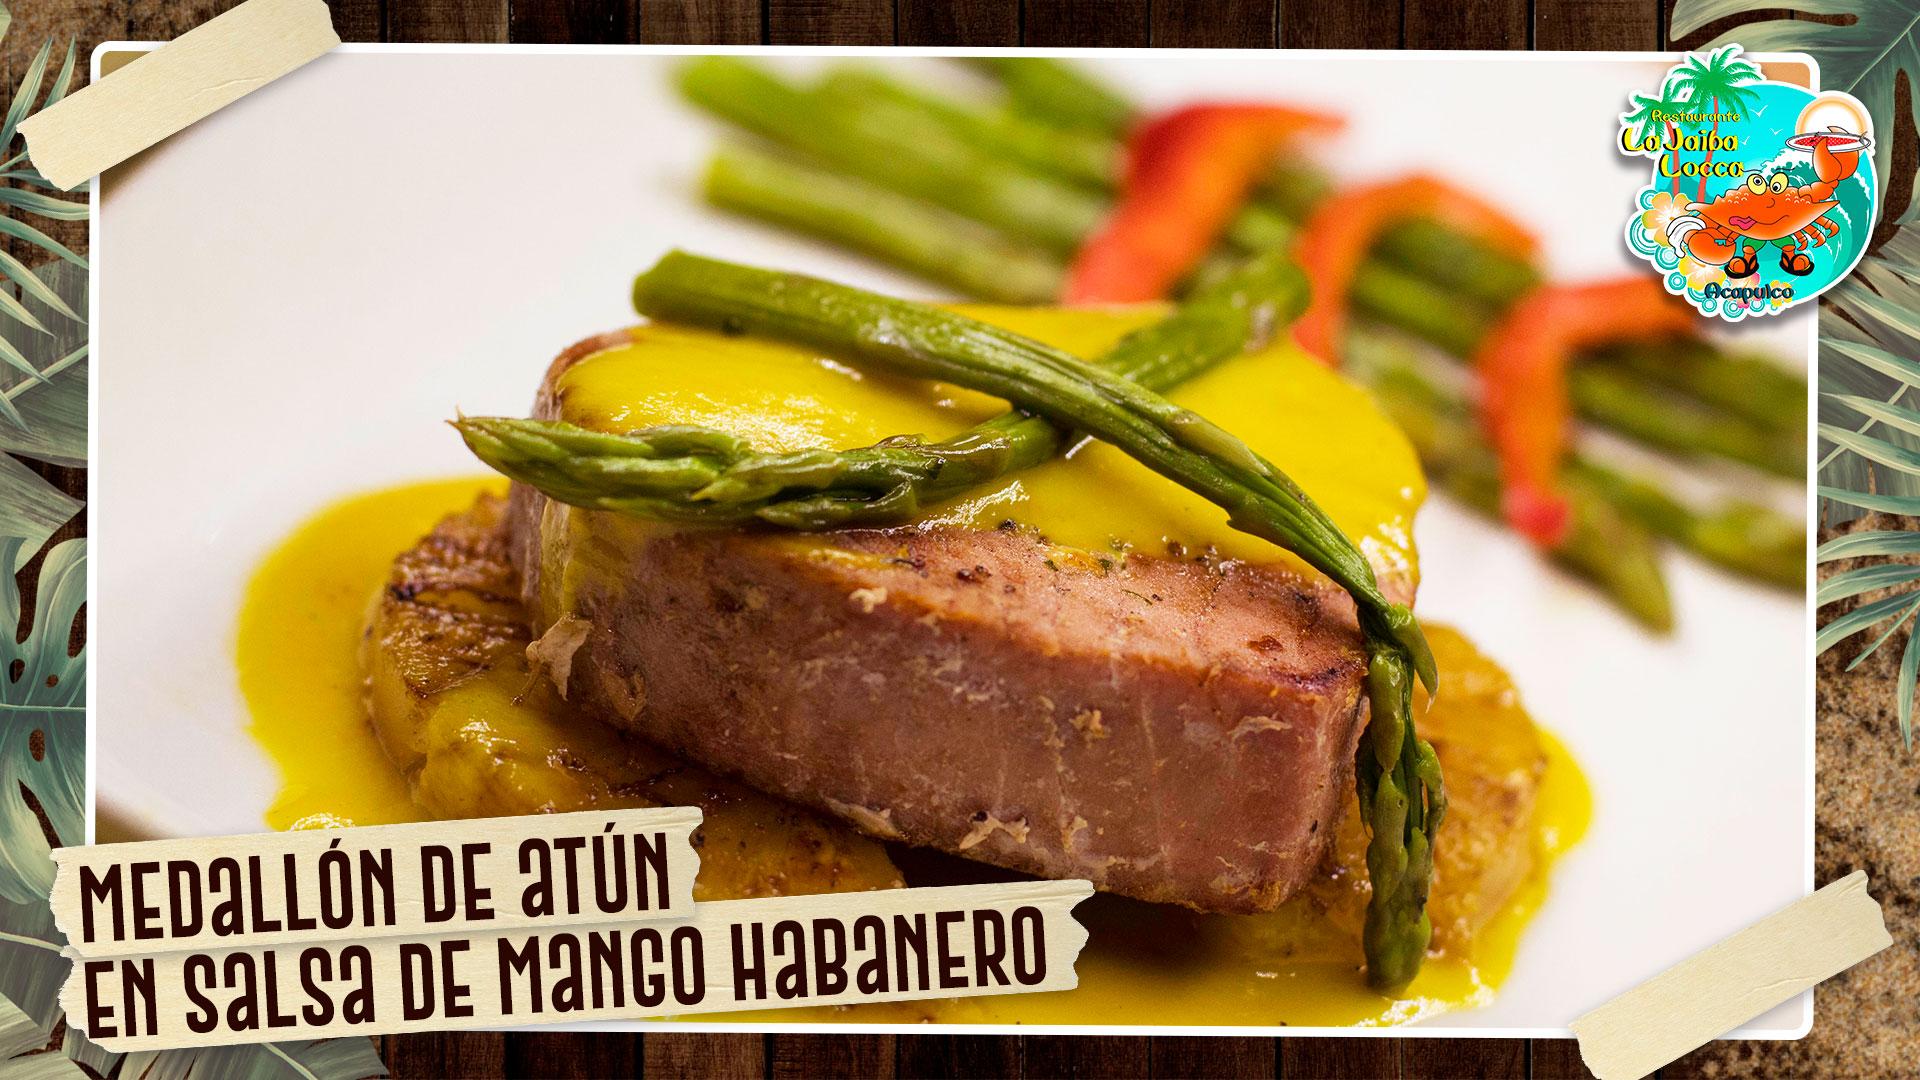 https://0201.nccdn.net/4_2/000/000/05a/a3f/43.-medall--n-de-at--n-en-salsa-de-mango-habanero.jpg